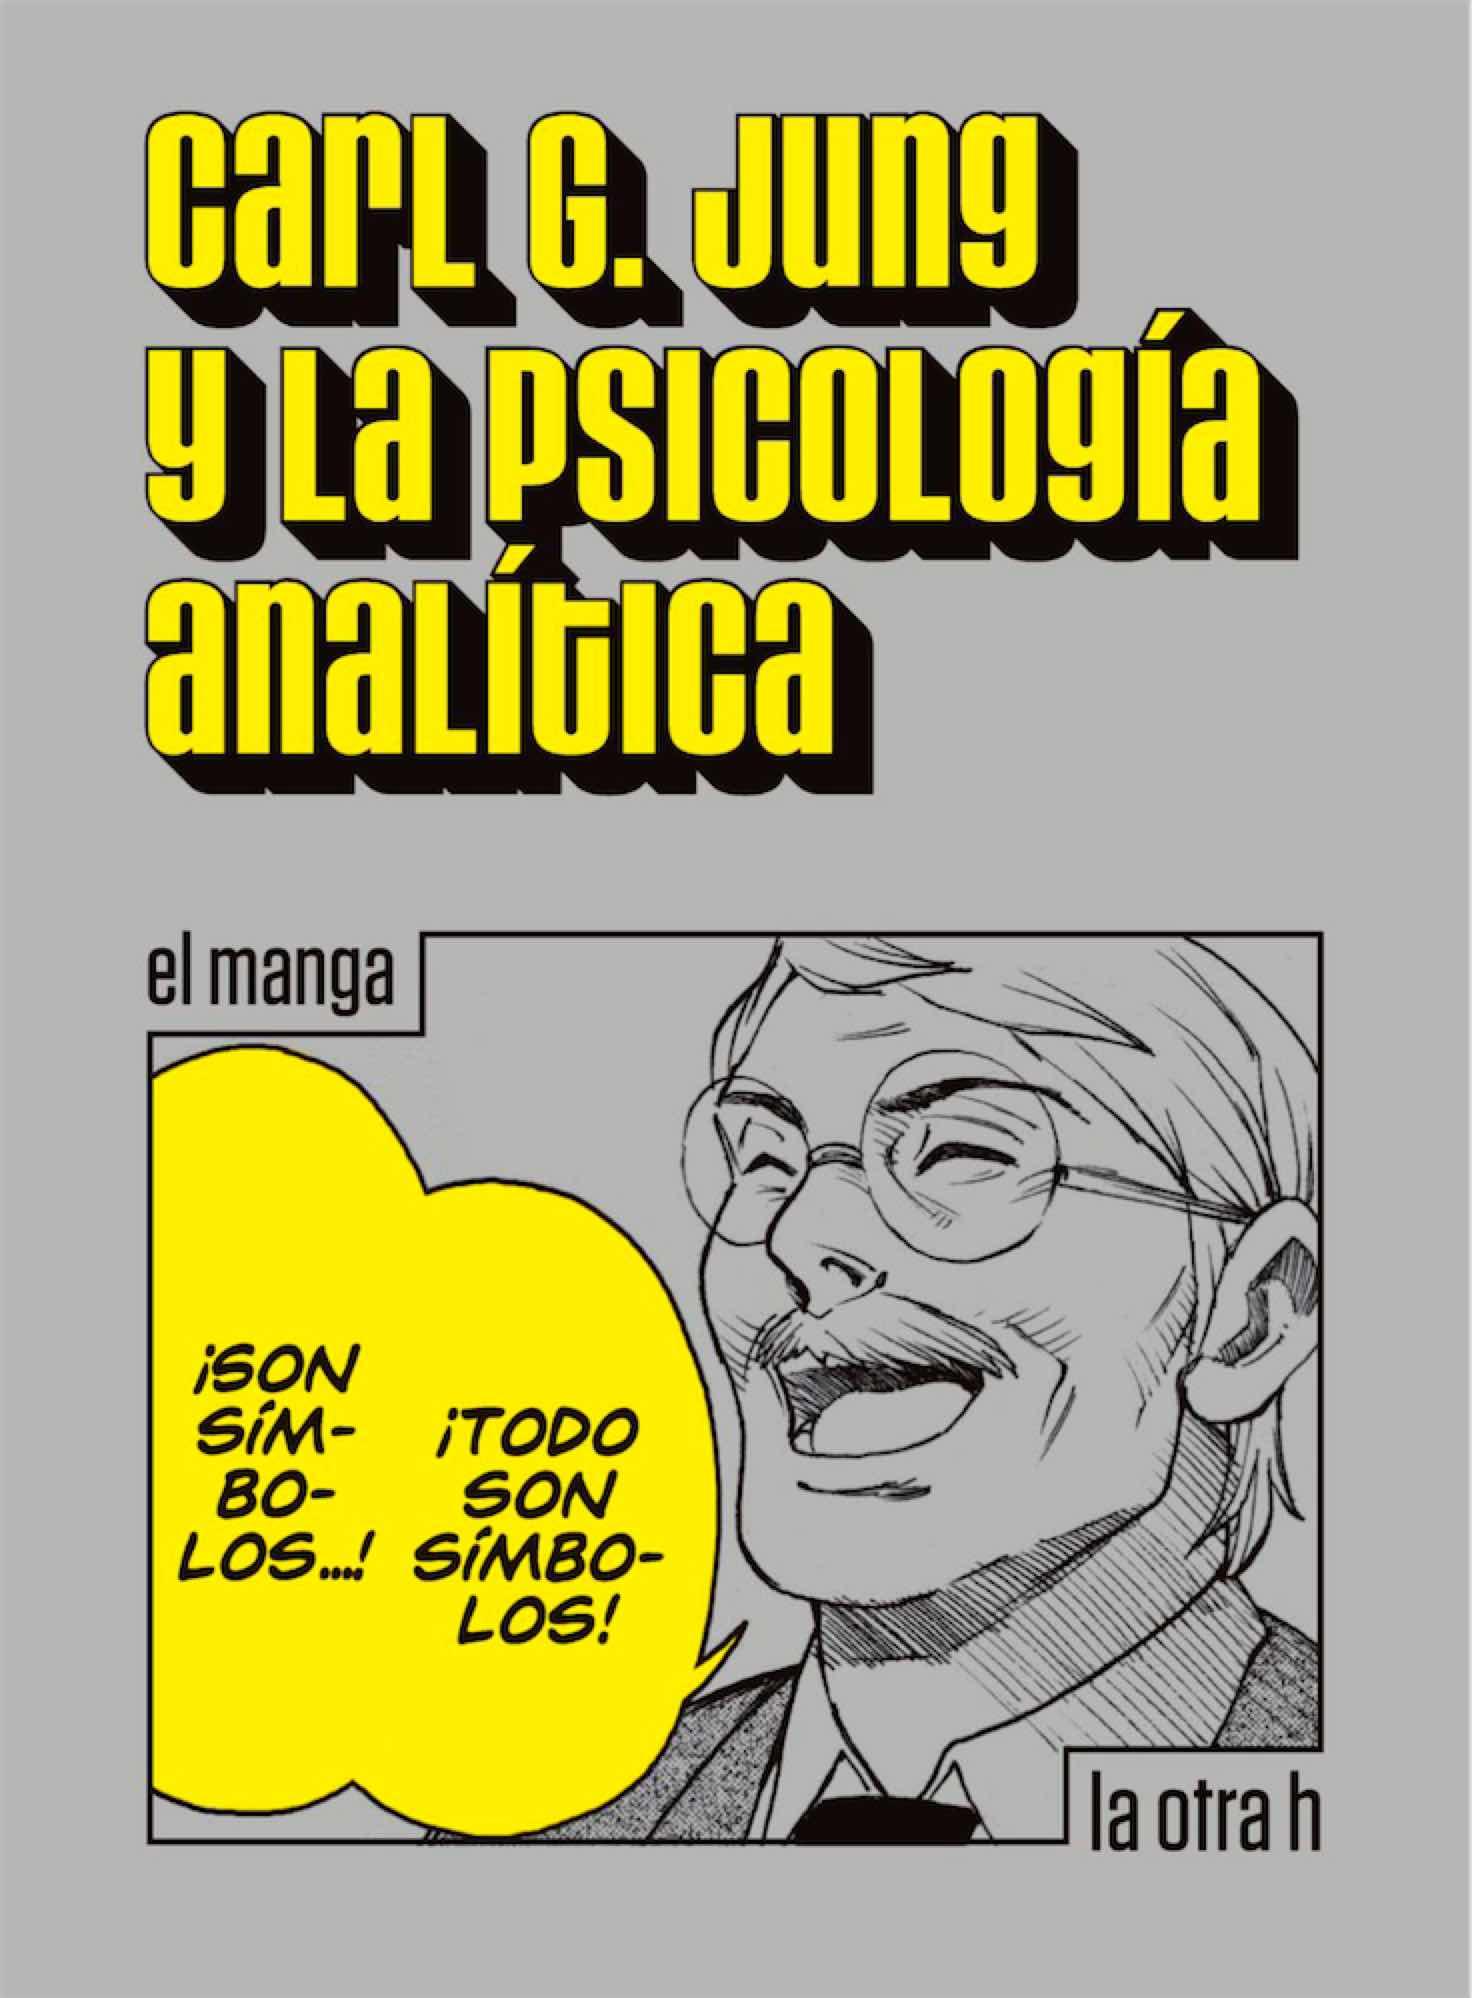 CARL G. JUNG Y LA PSICOLOGIA ANALITICA